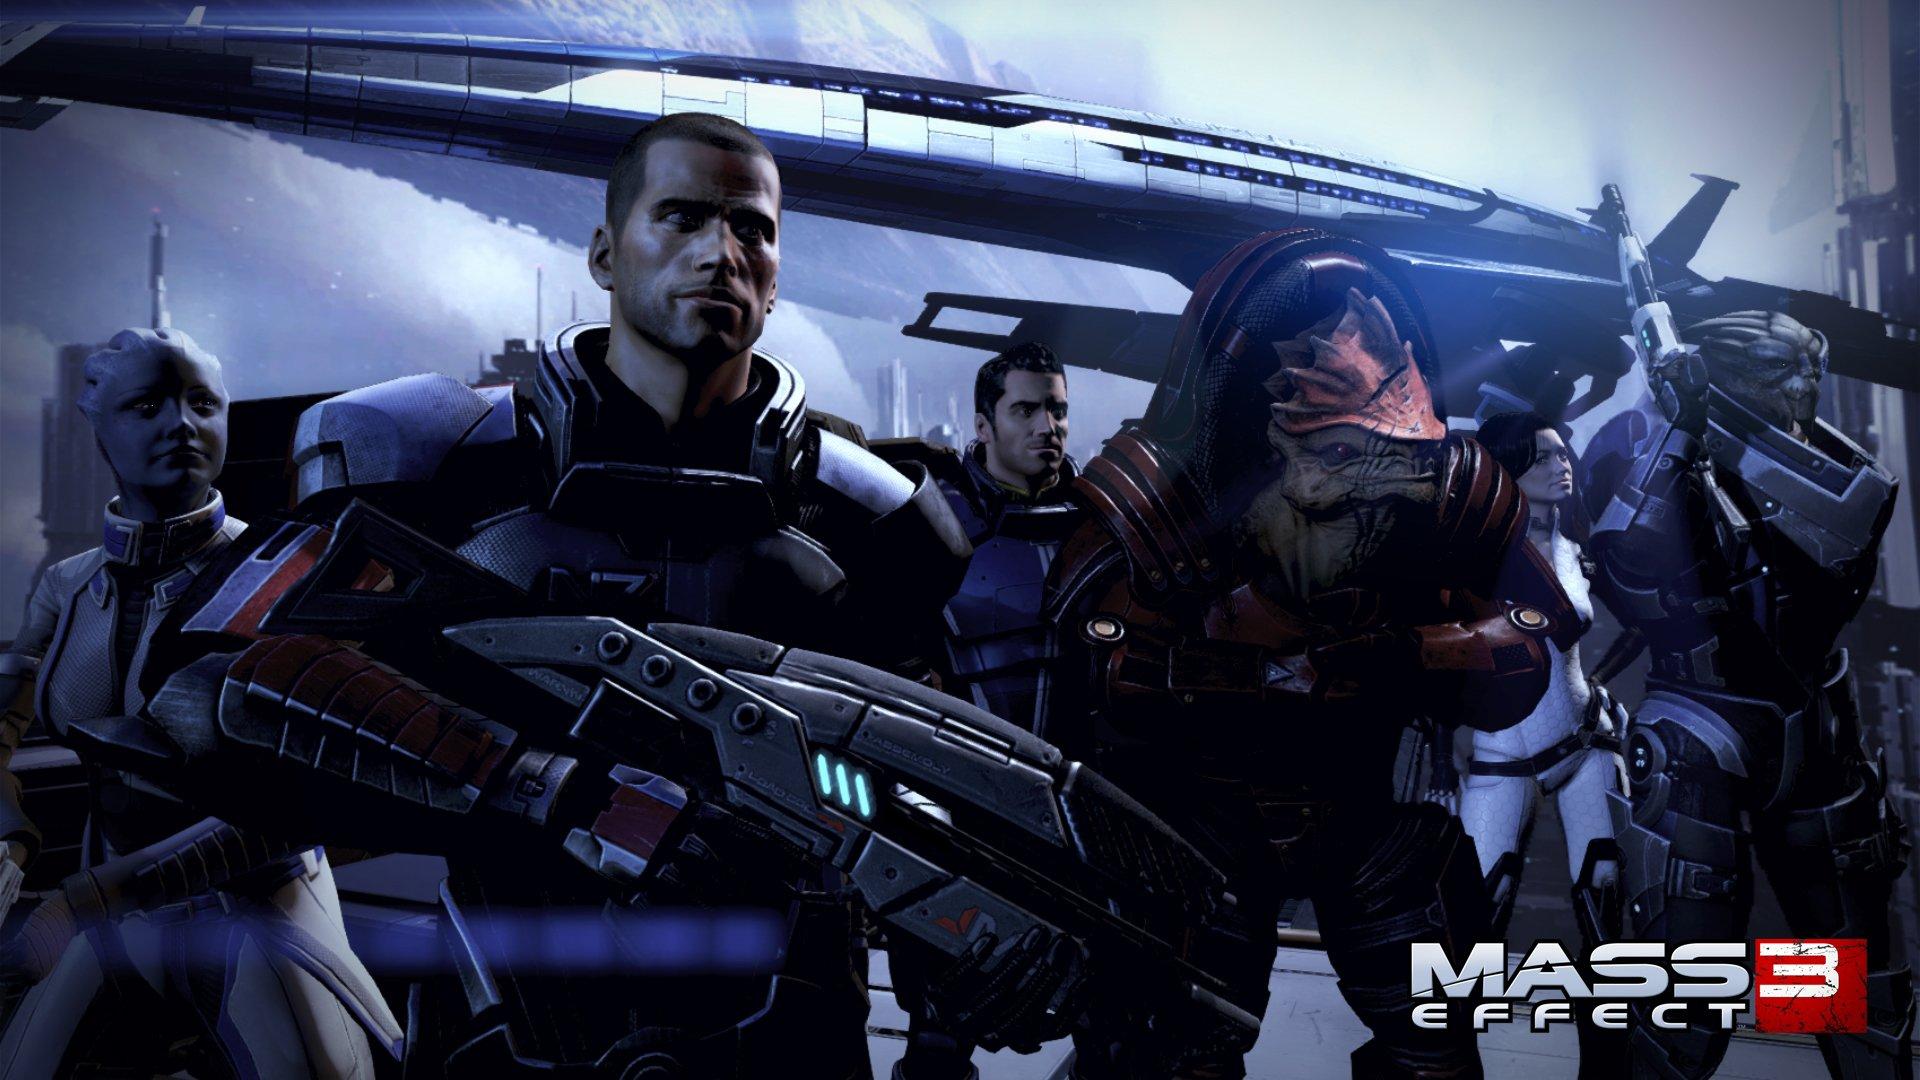 Вчера вышло последнее DLC для Mass Effect 3. Оно вышло спустя год после самой игры, спустя год после того, как мой Ш ... - Изображение 1